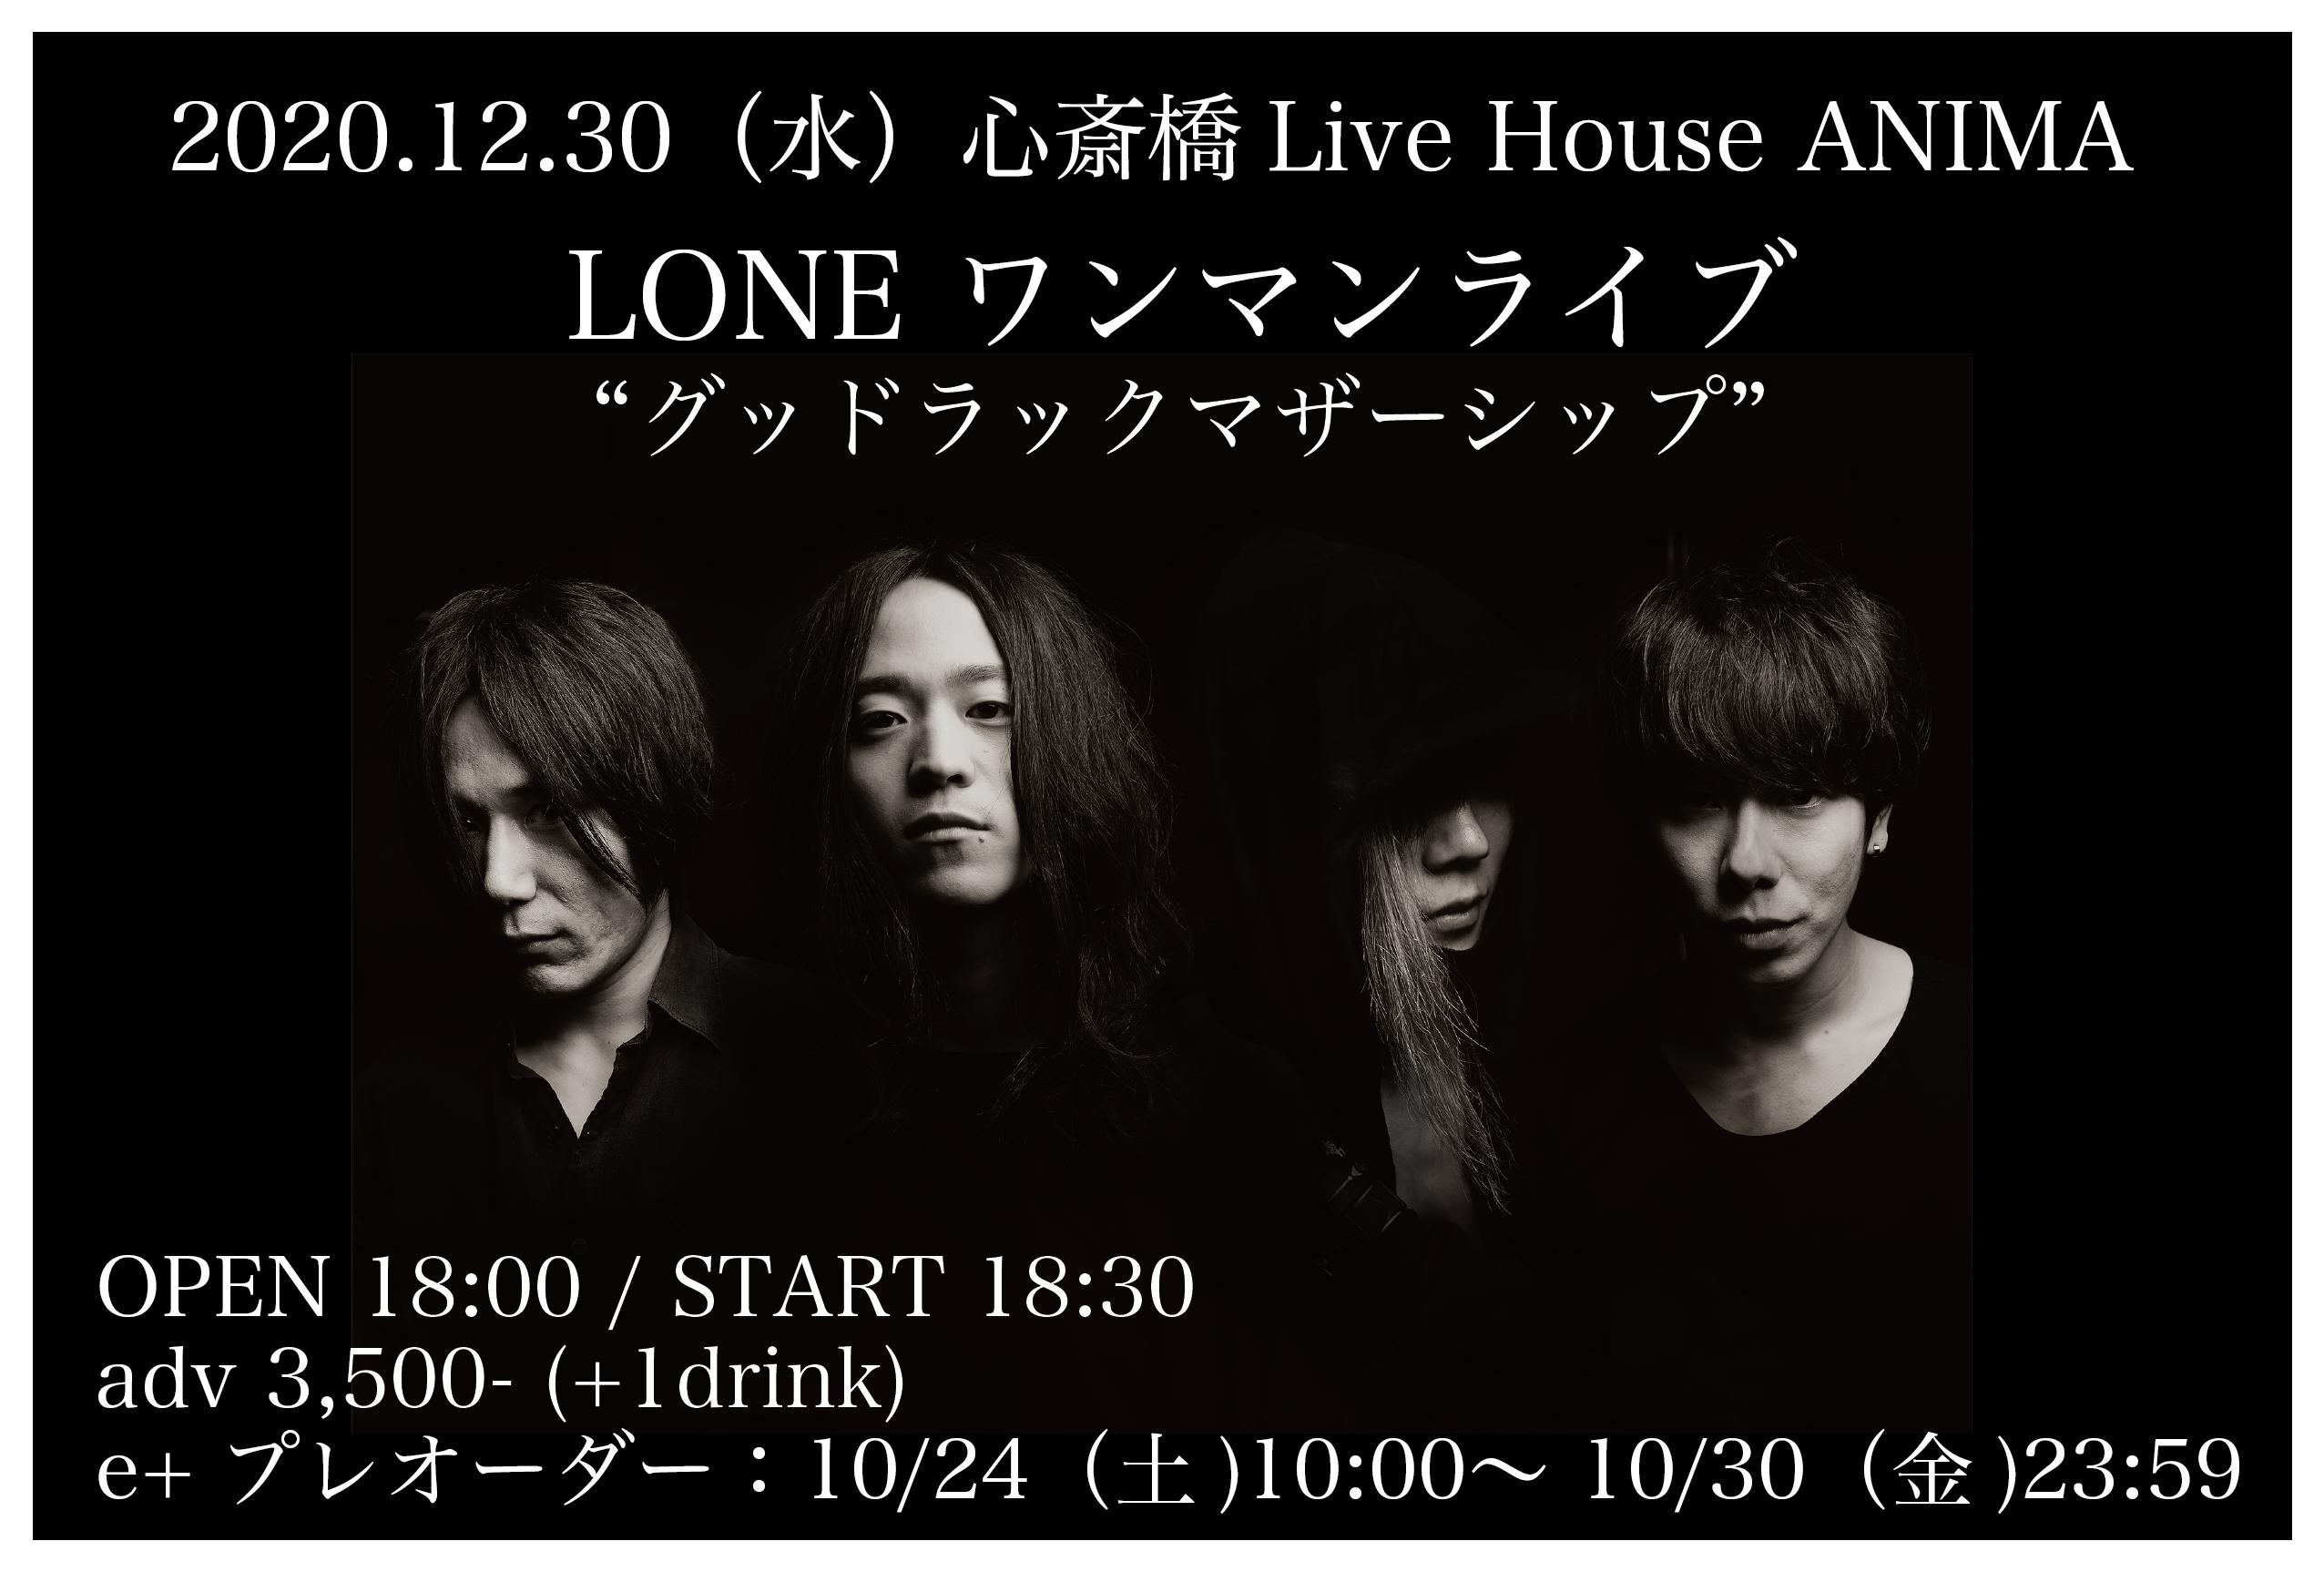 『LONE ワンマンライブ』